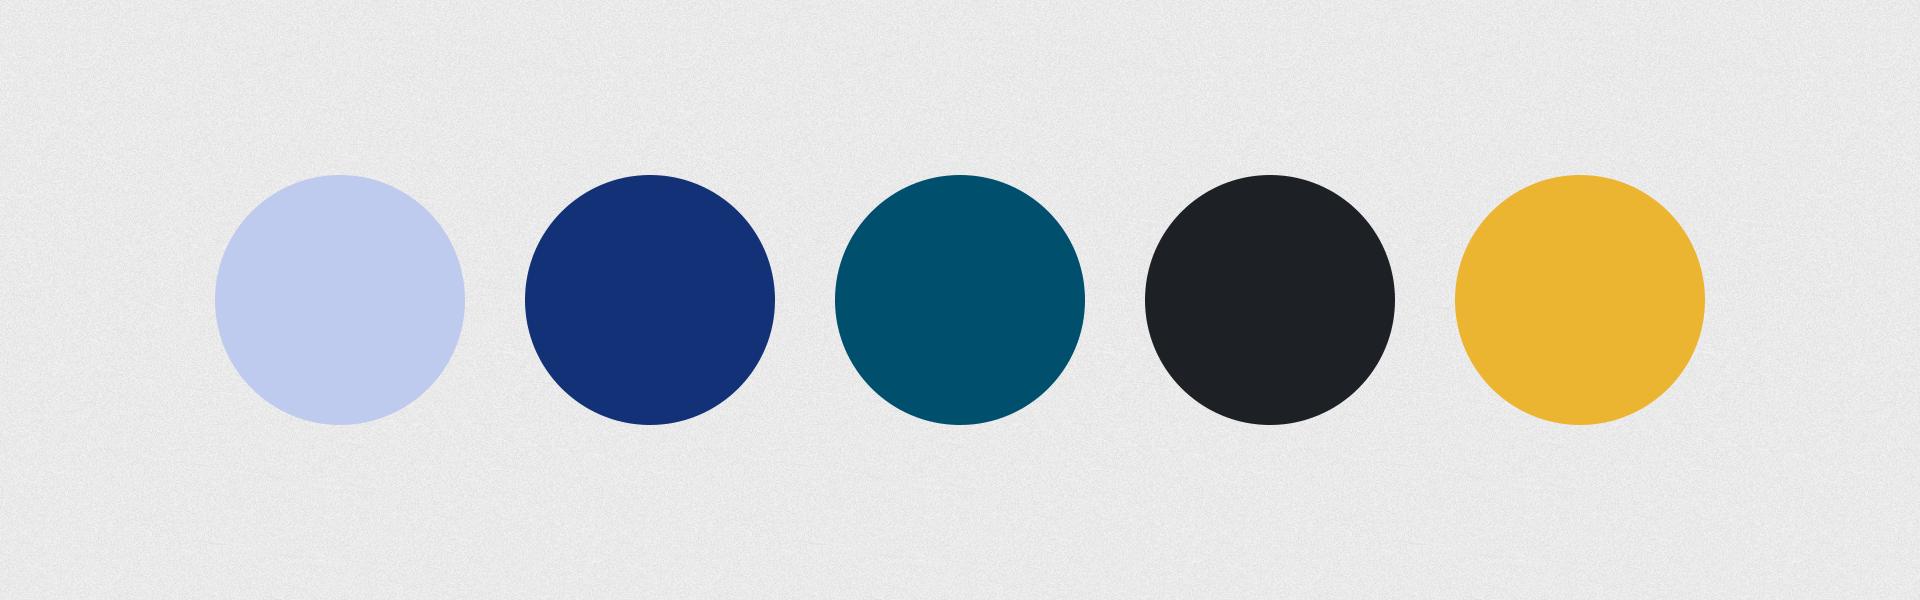 aquino-core-group-06